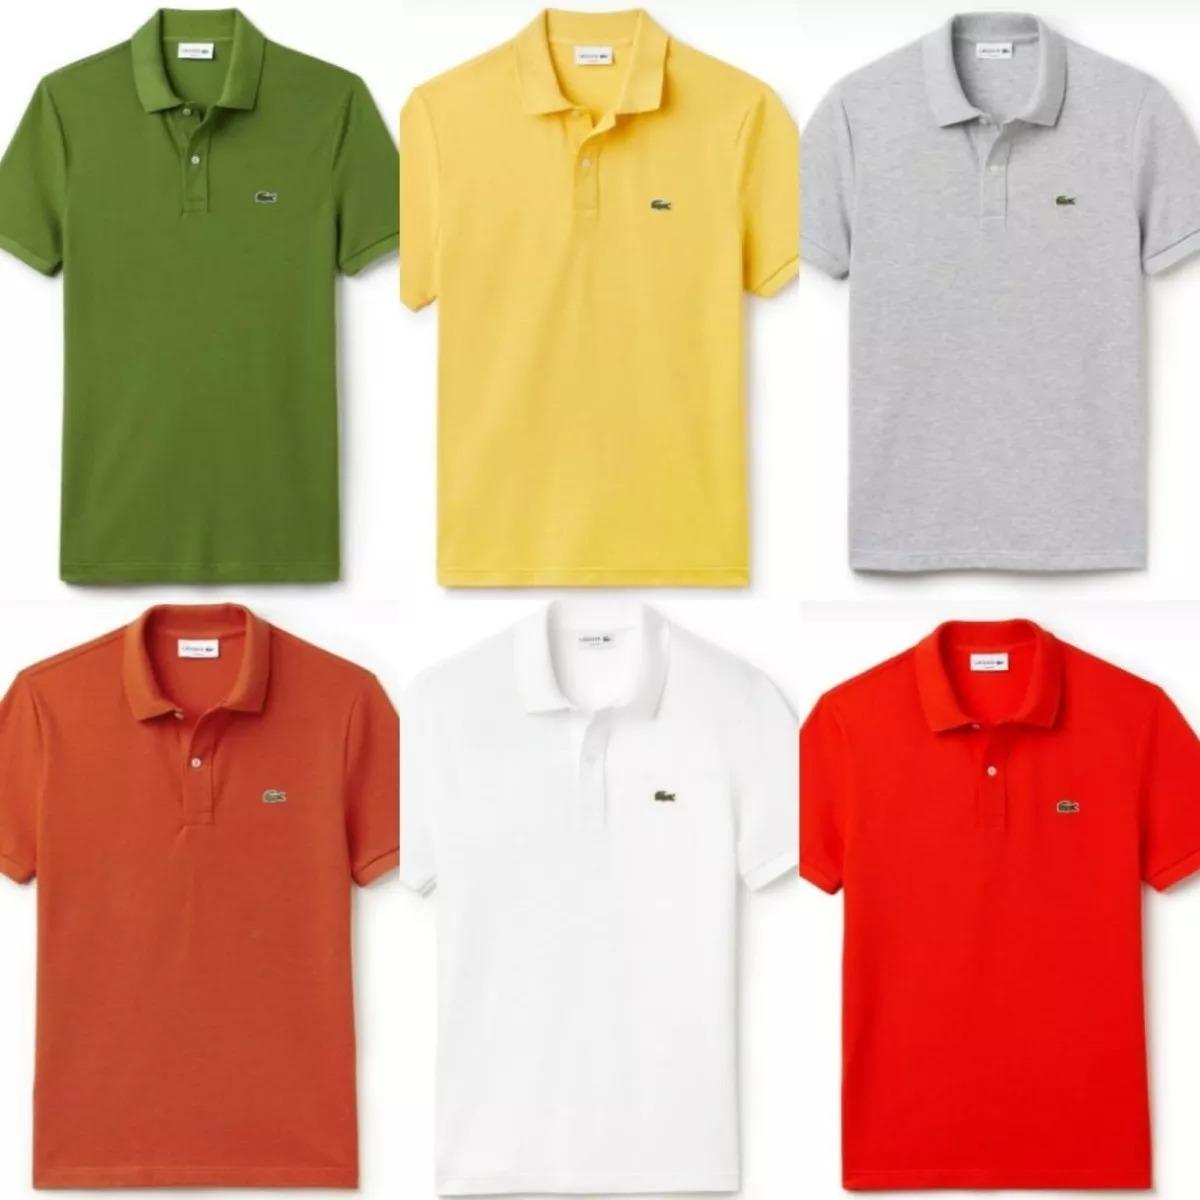 584449a225e31 Camisa Lacoste Polo Jacaré Kit C 10 70% Em Off - R  250